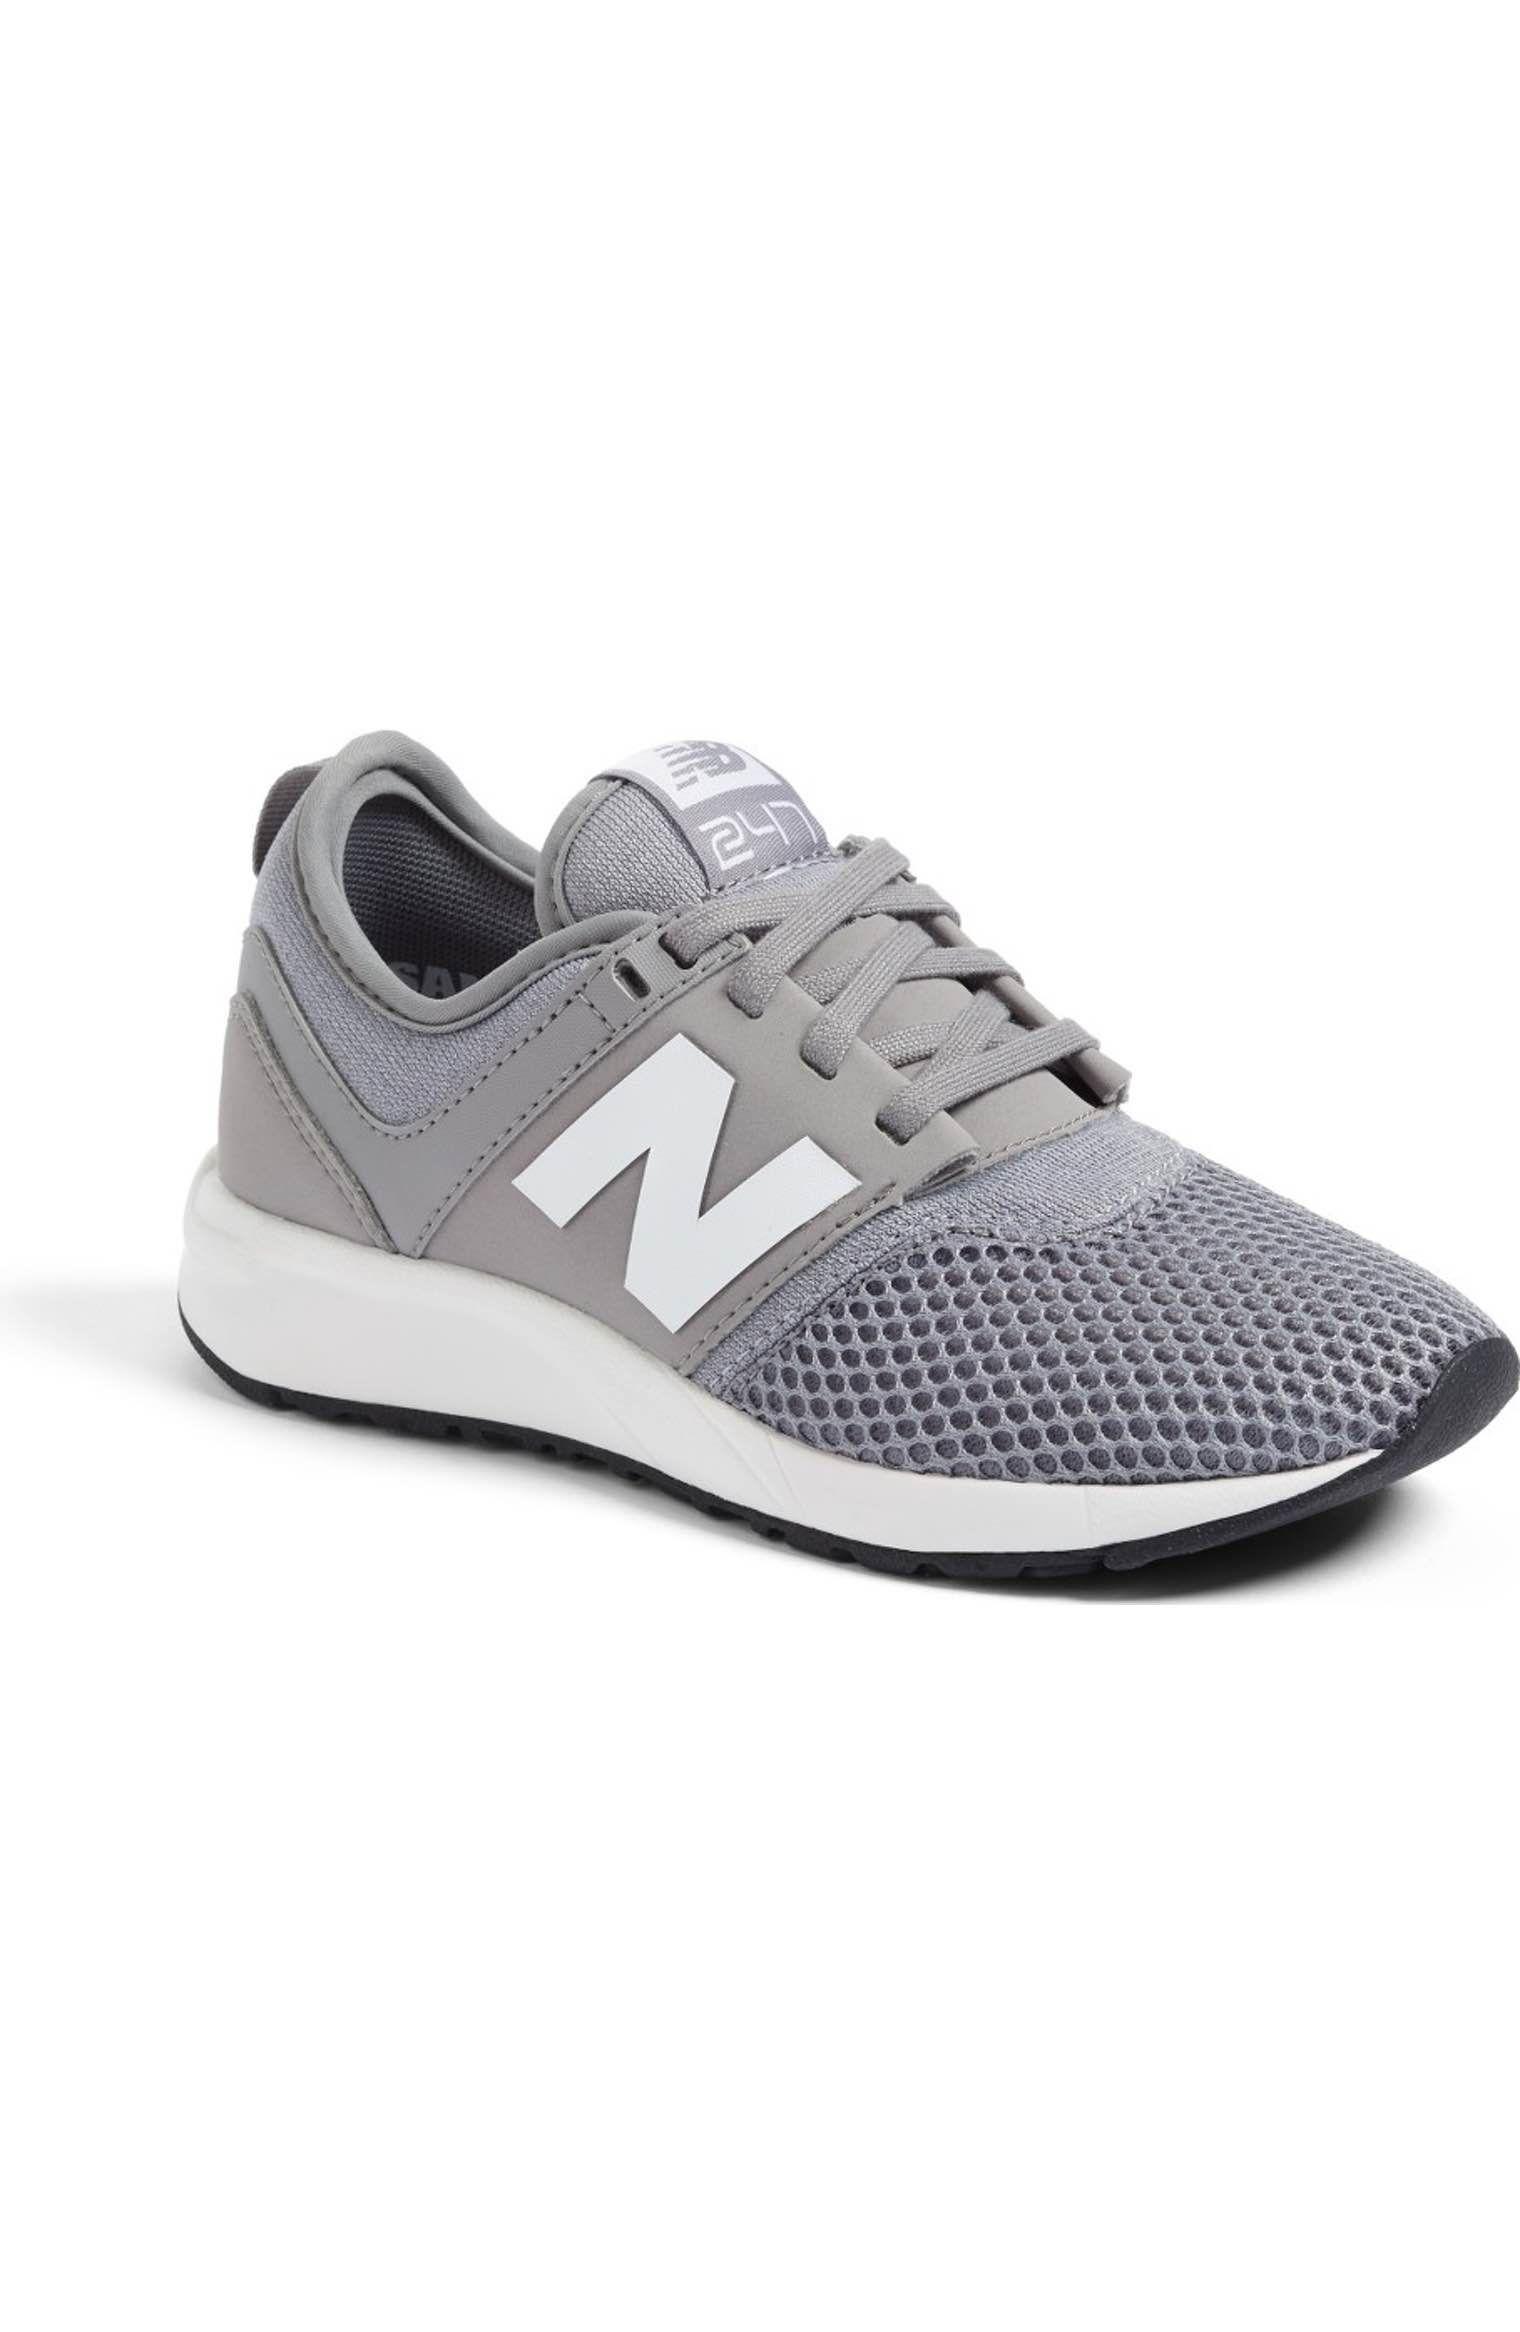 New Balance 1320 Moda casual